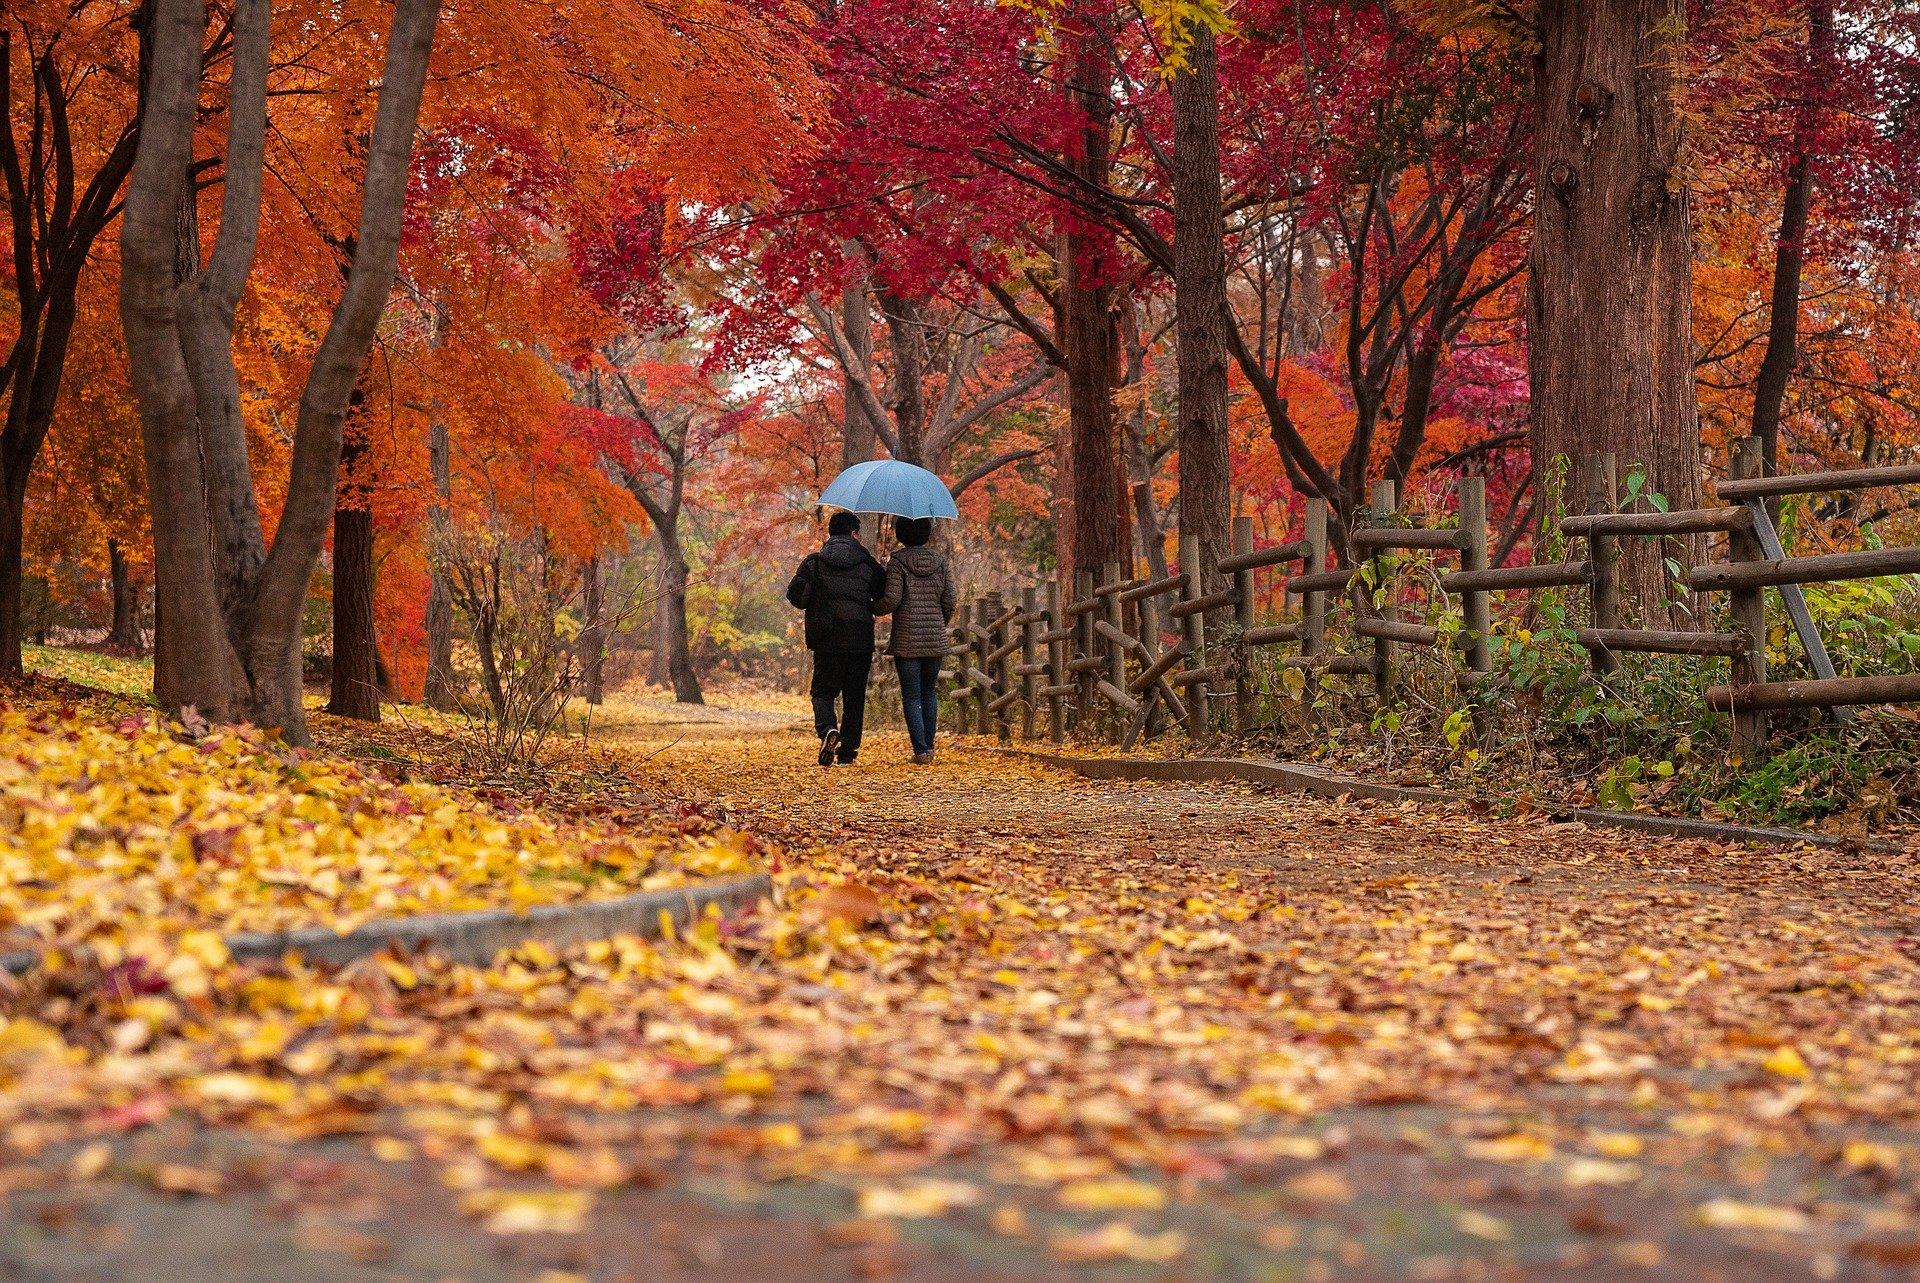 Choďte co nejvíce na procházky, pomůžete svému zdraví, a to i tomu psychickému